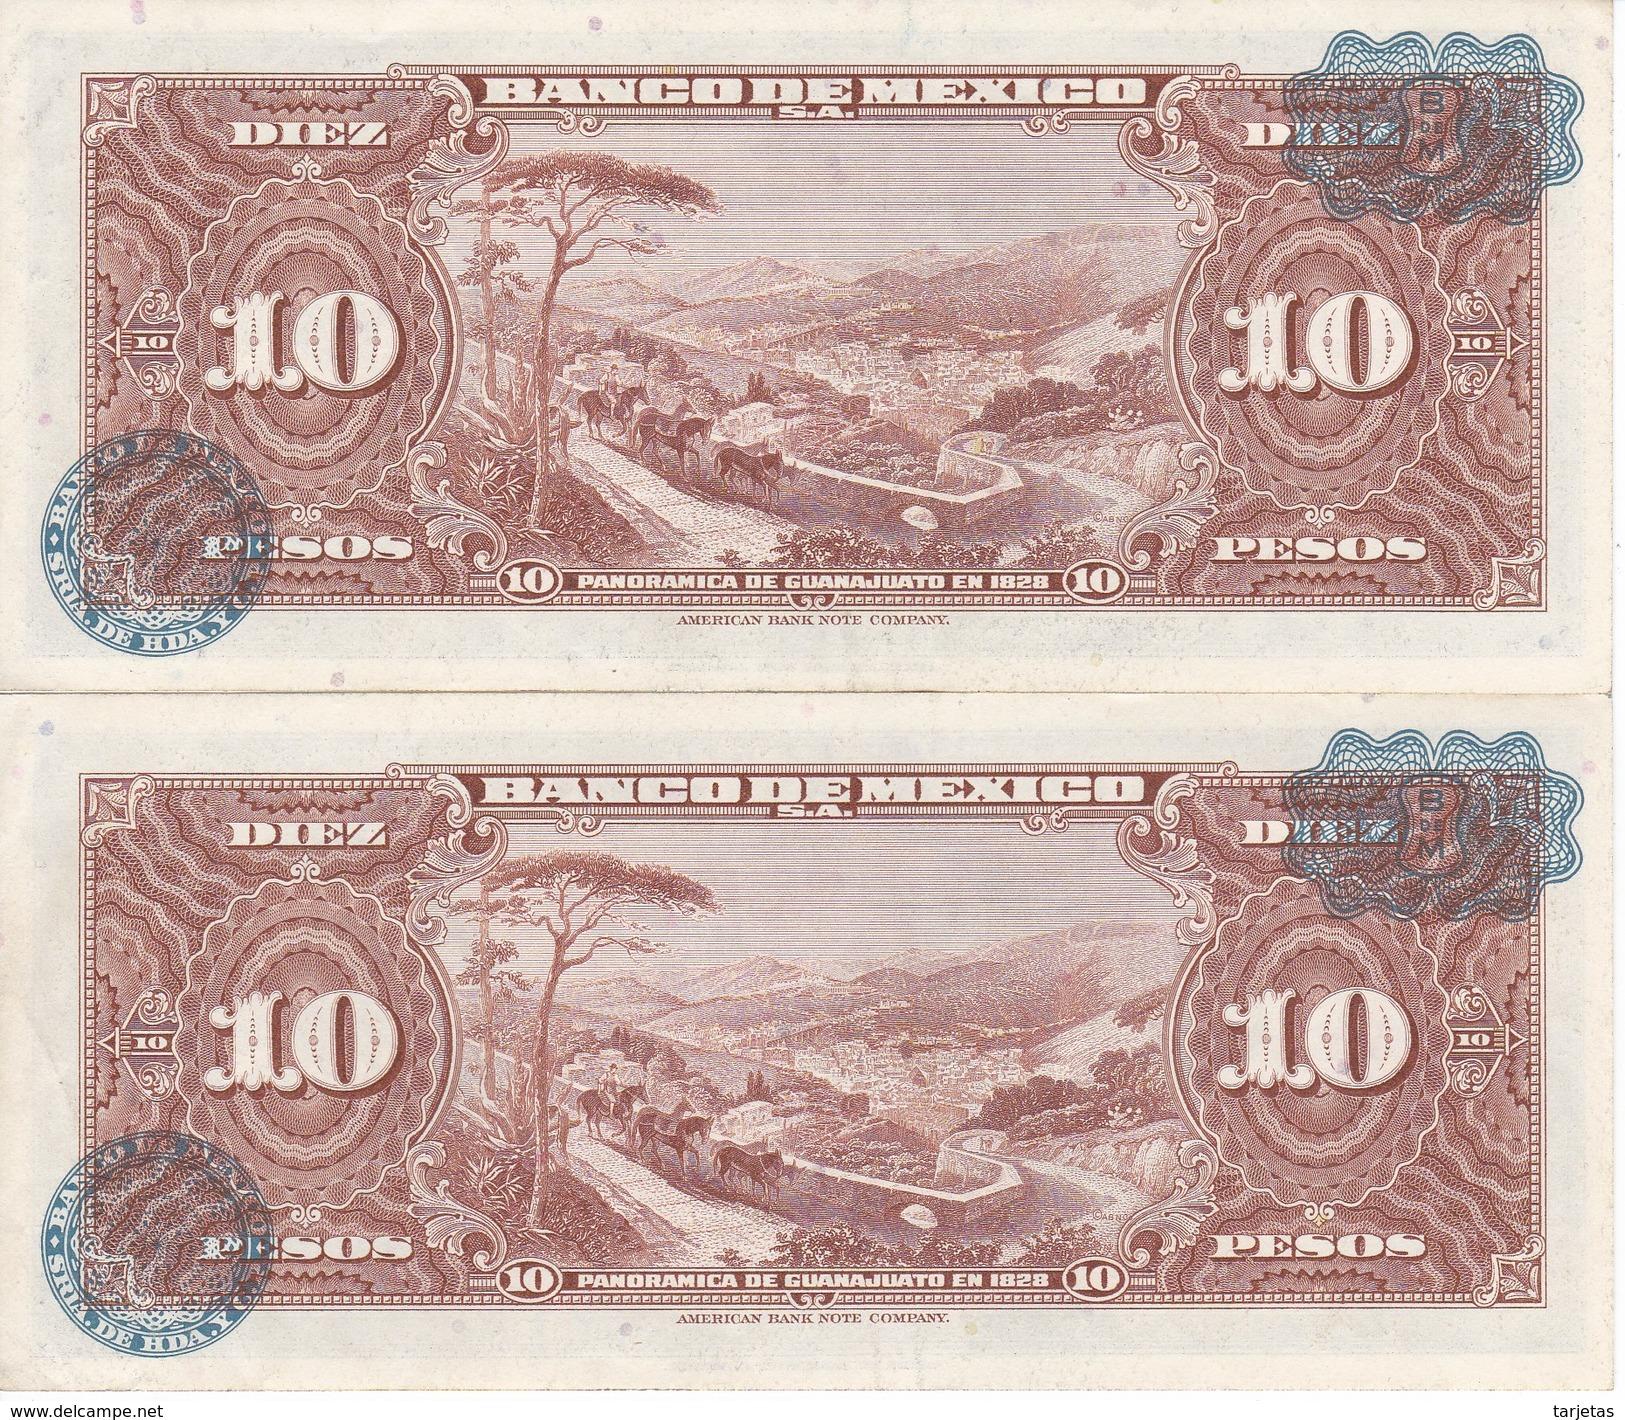 PAREJA CORRELATIVA DE MEXICO DE 10 PESOS DEL AÑO 1965 CALIDAD EBC (XF)  (BANKNOTE) - México